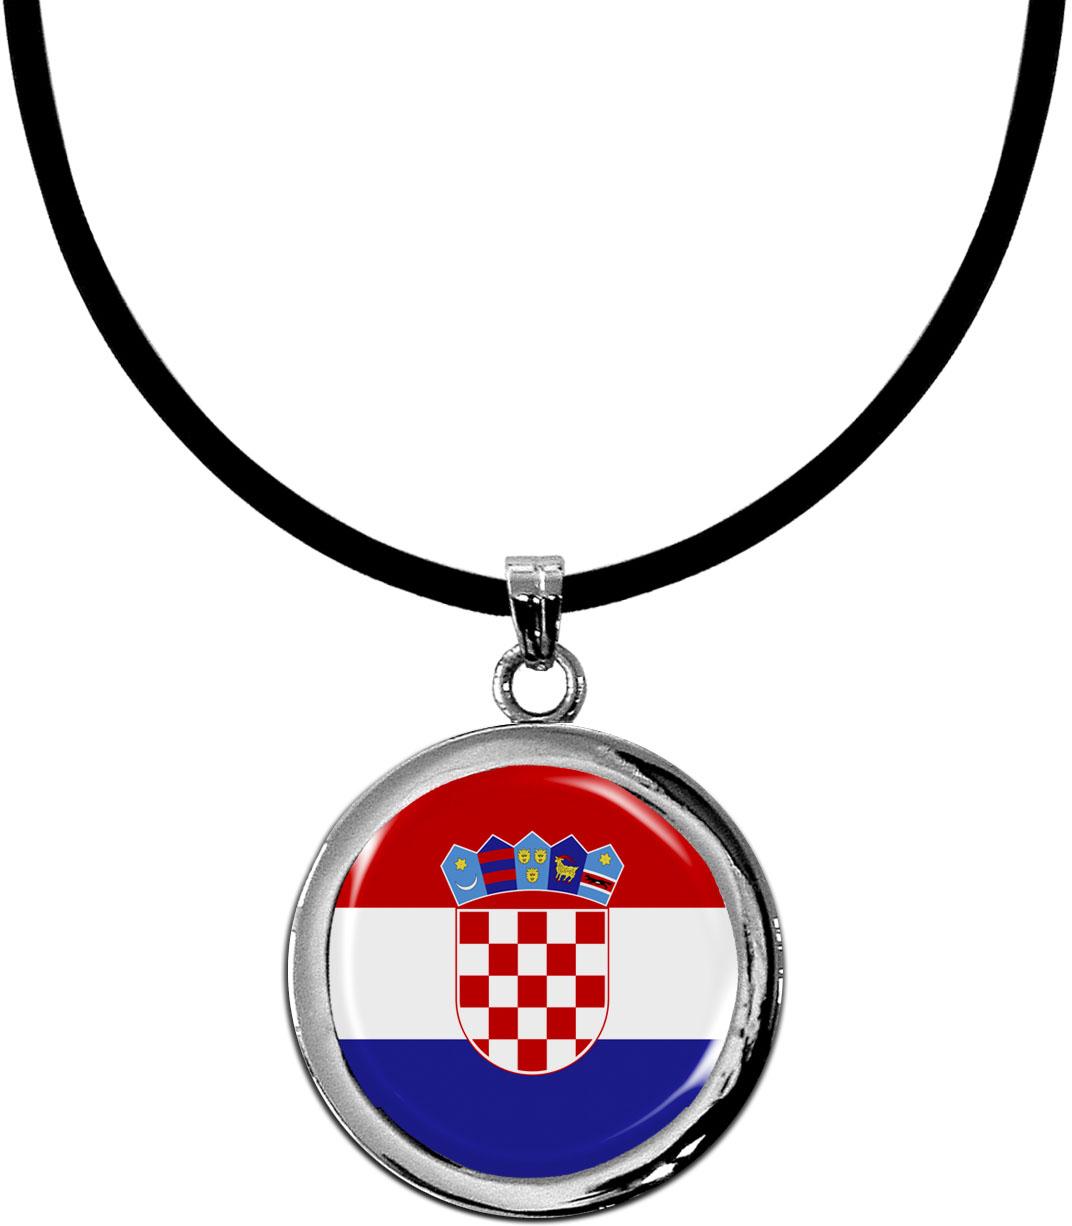 Kettenanhänger / Kroatien / Silikonband mit Silberverschluss